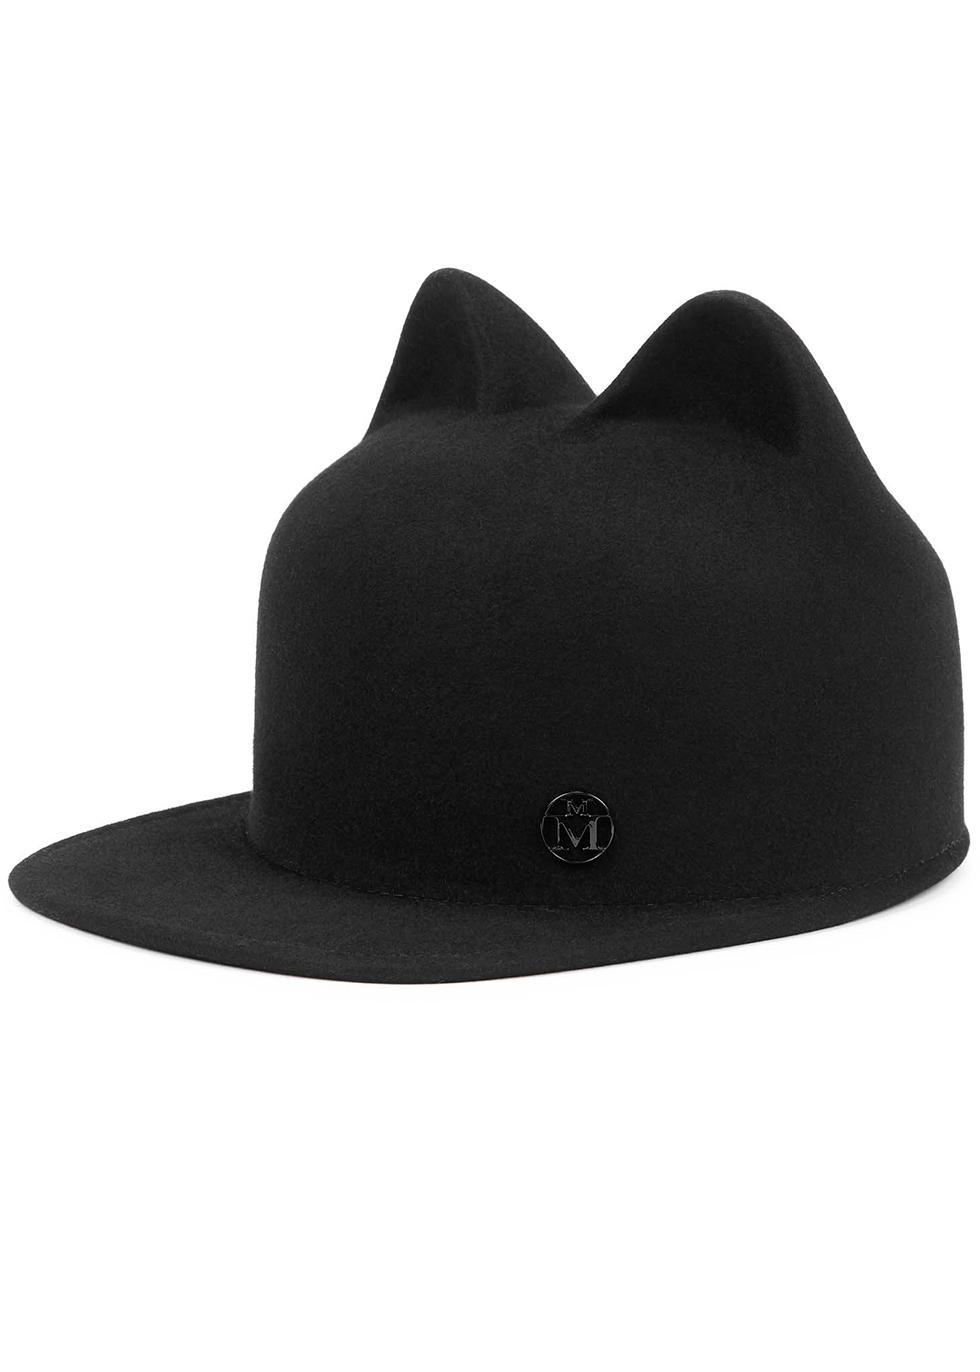 Jamie black felt hat